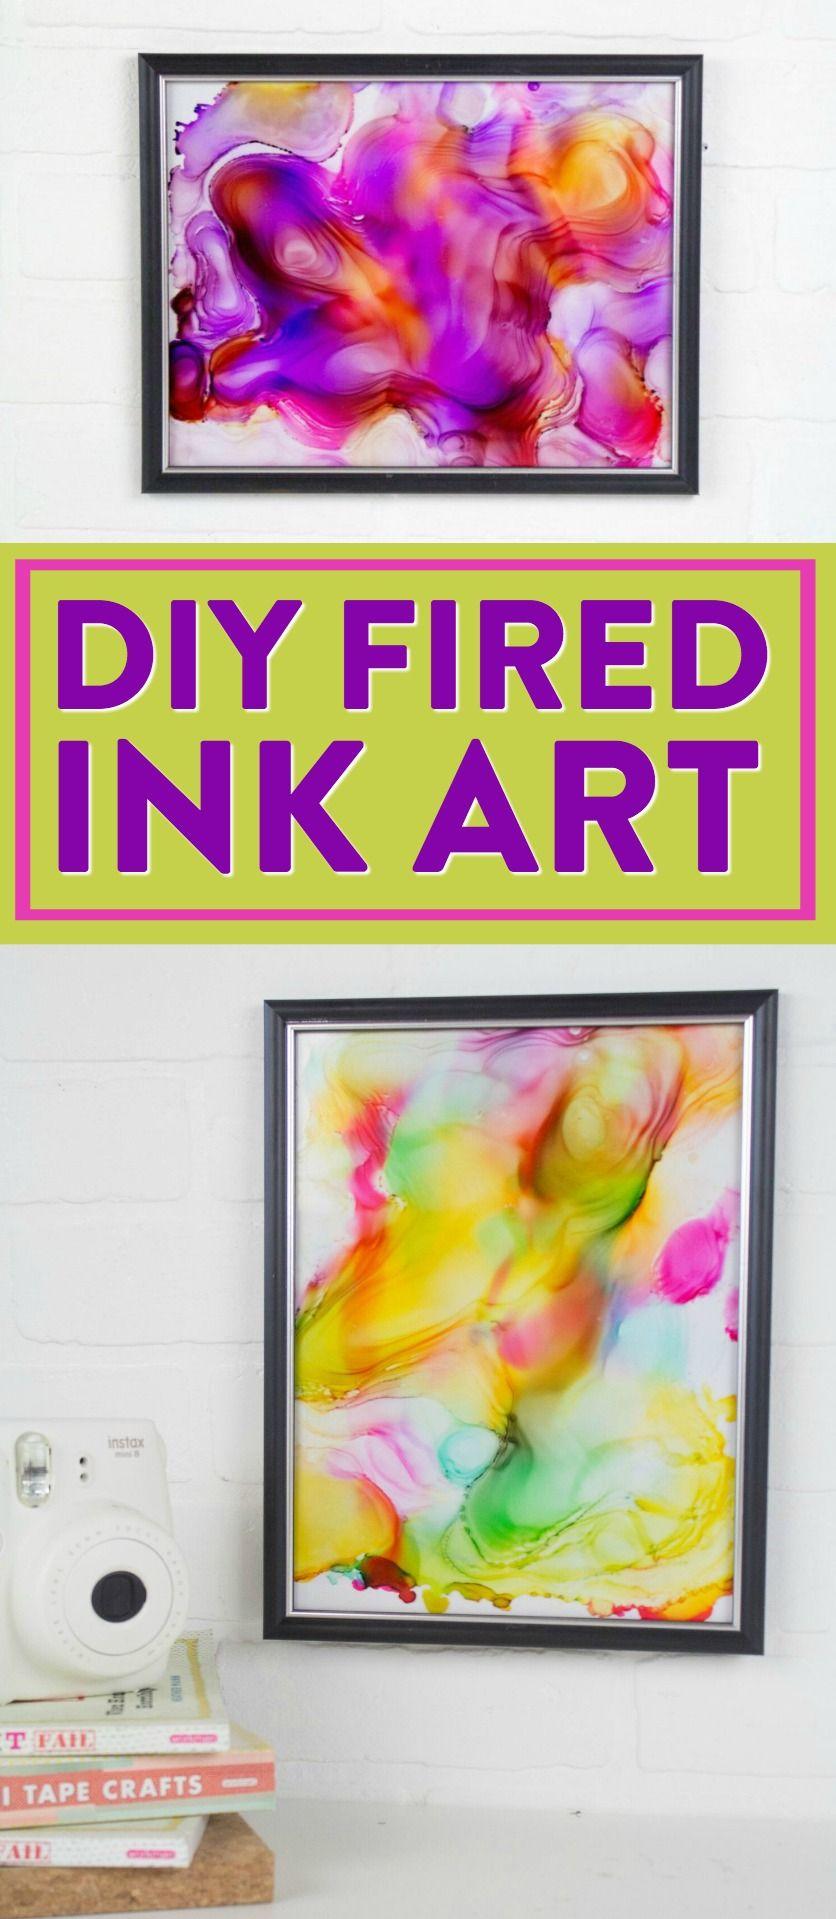 DIY Fired Ink Art | Pinterest | Ink art, Crafts and Homemade art